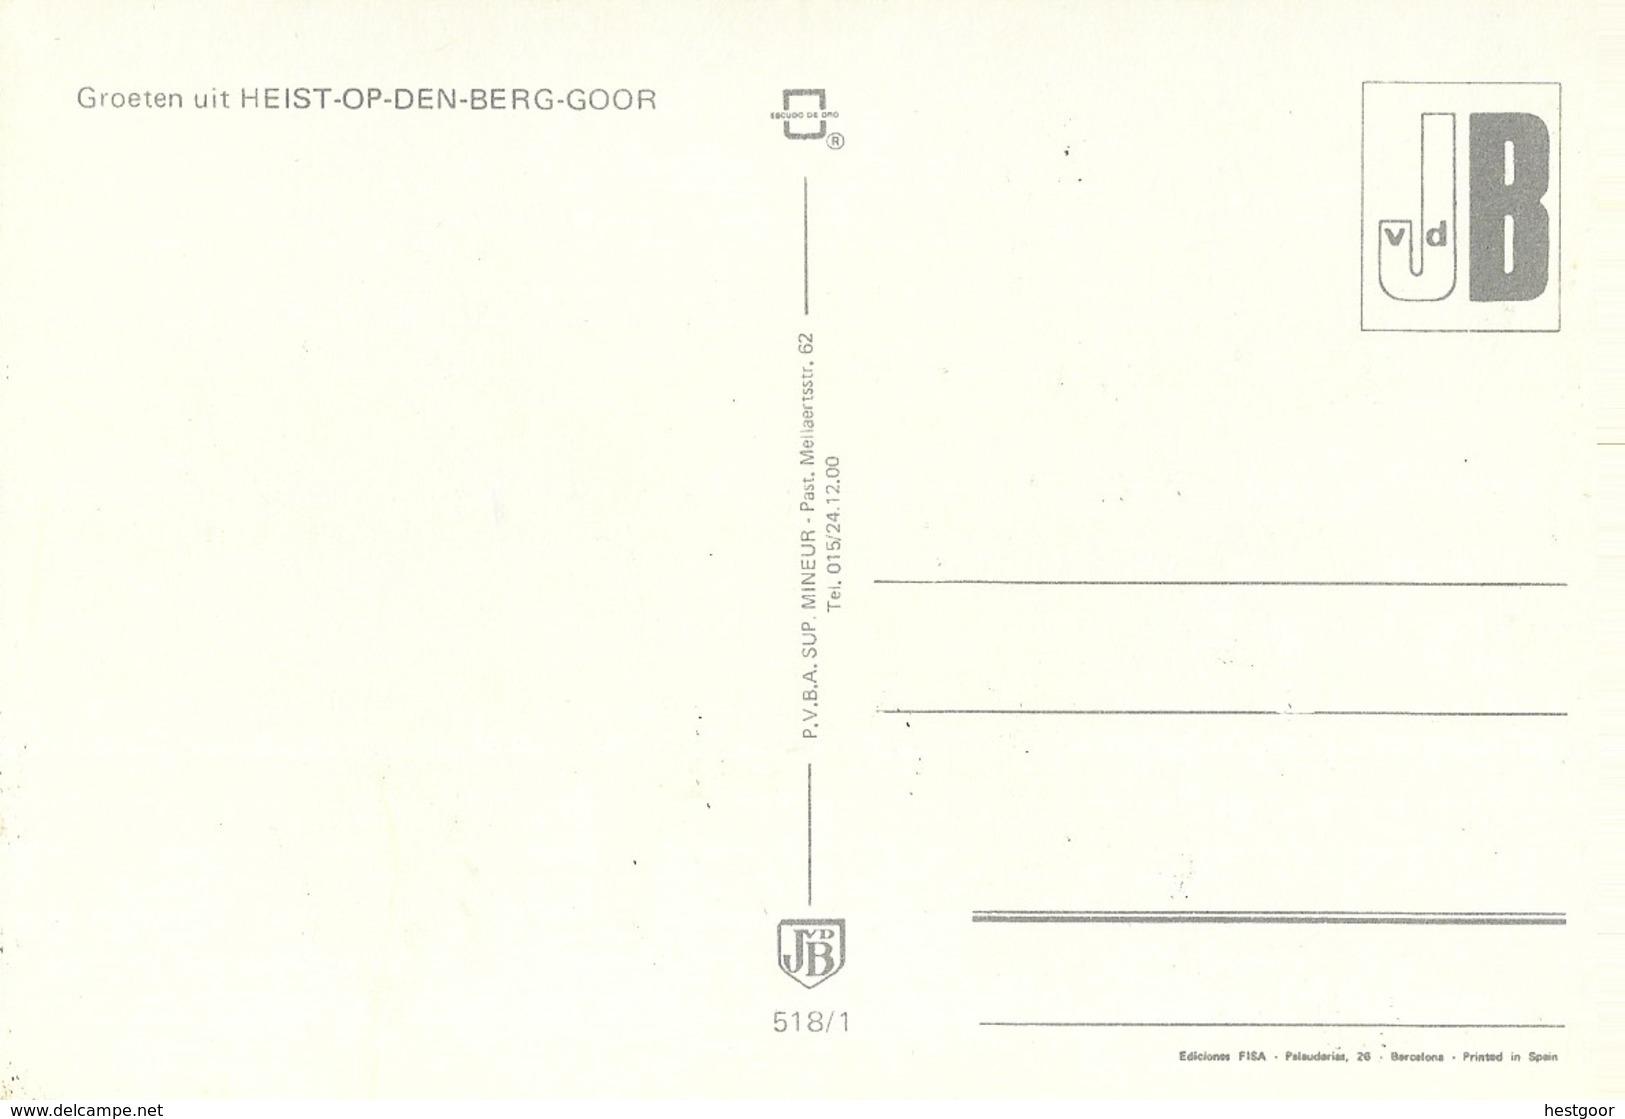 Groeten Uit HEIST-OP-DEN-BERG-GOOR - Heist-op-den-Berg